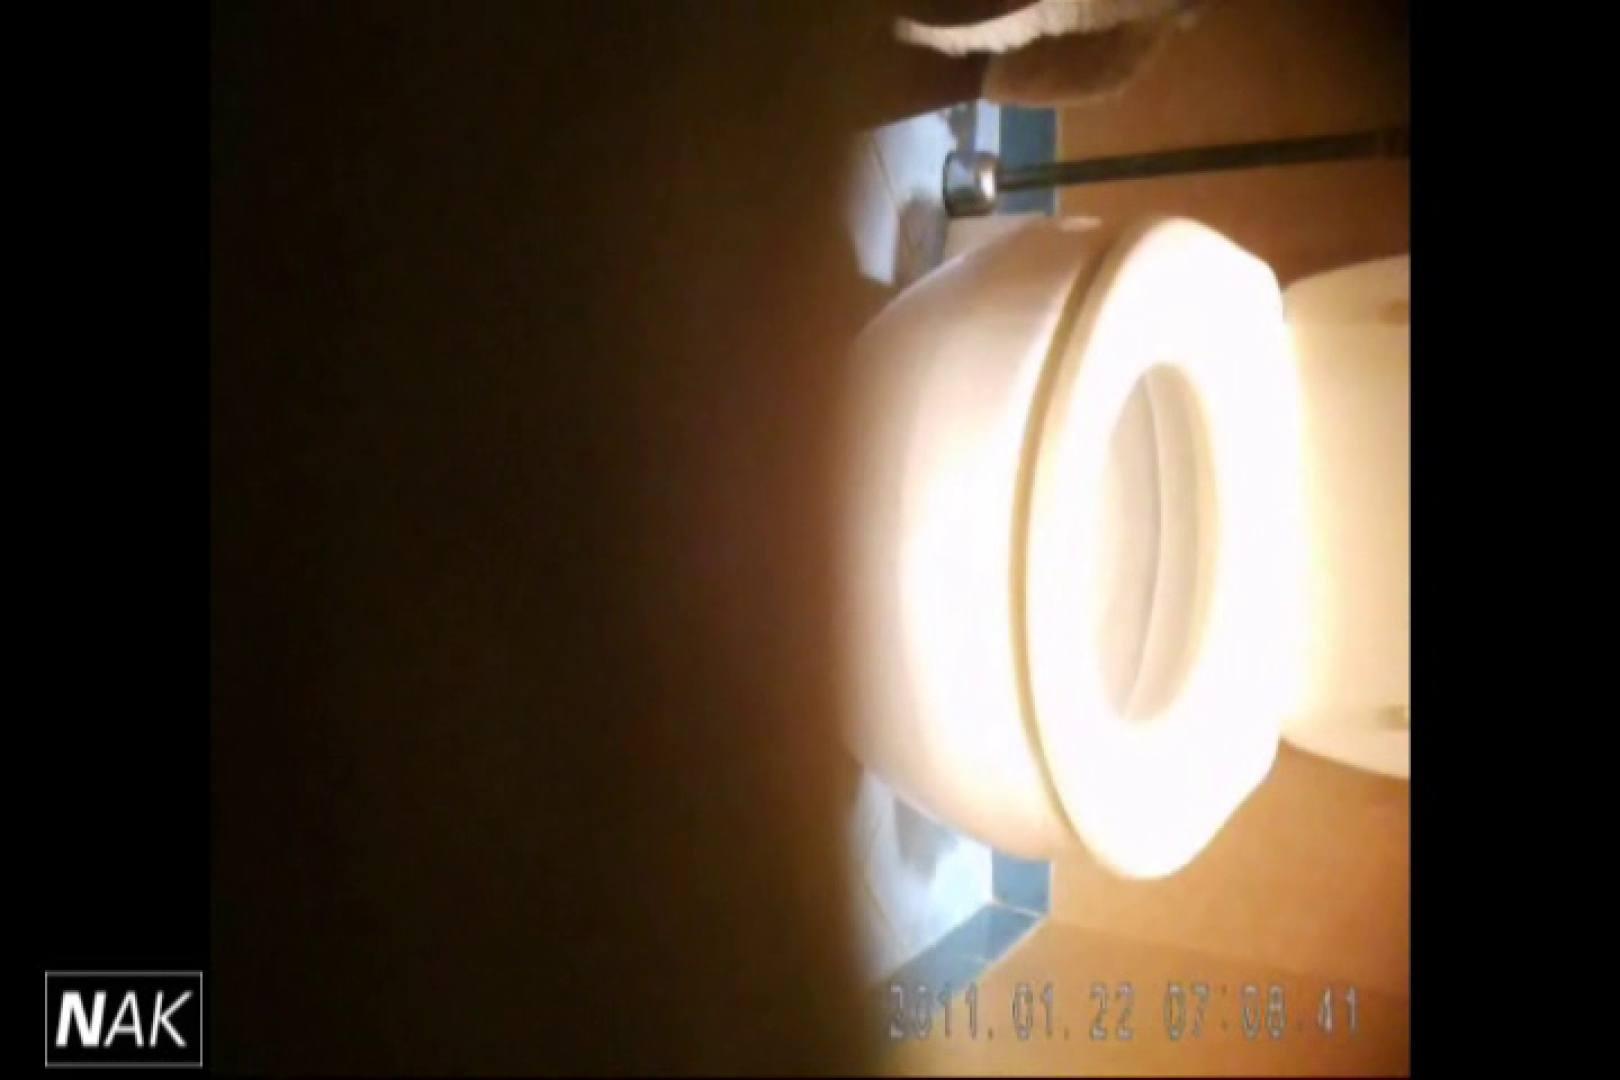 せん八さんの厠観察日記!2点監視カメラ 高画質5000K vol.10 高画質 ワレメ動画紹介 86枚 64